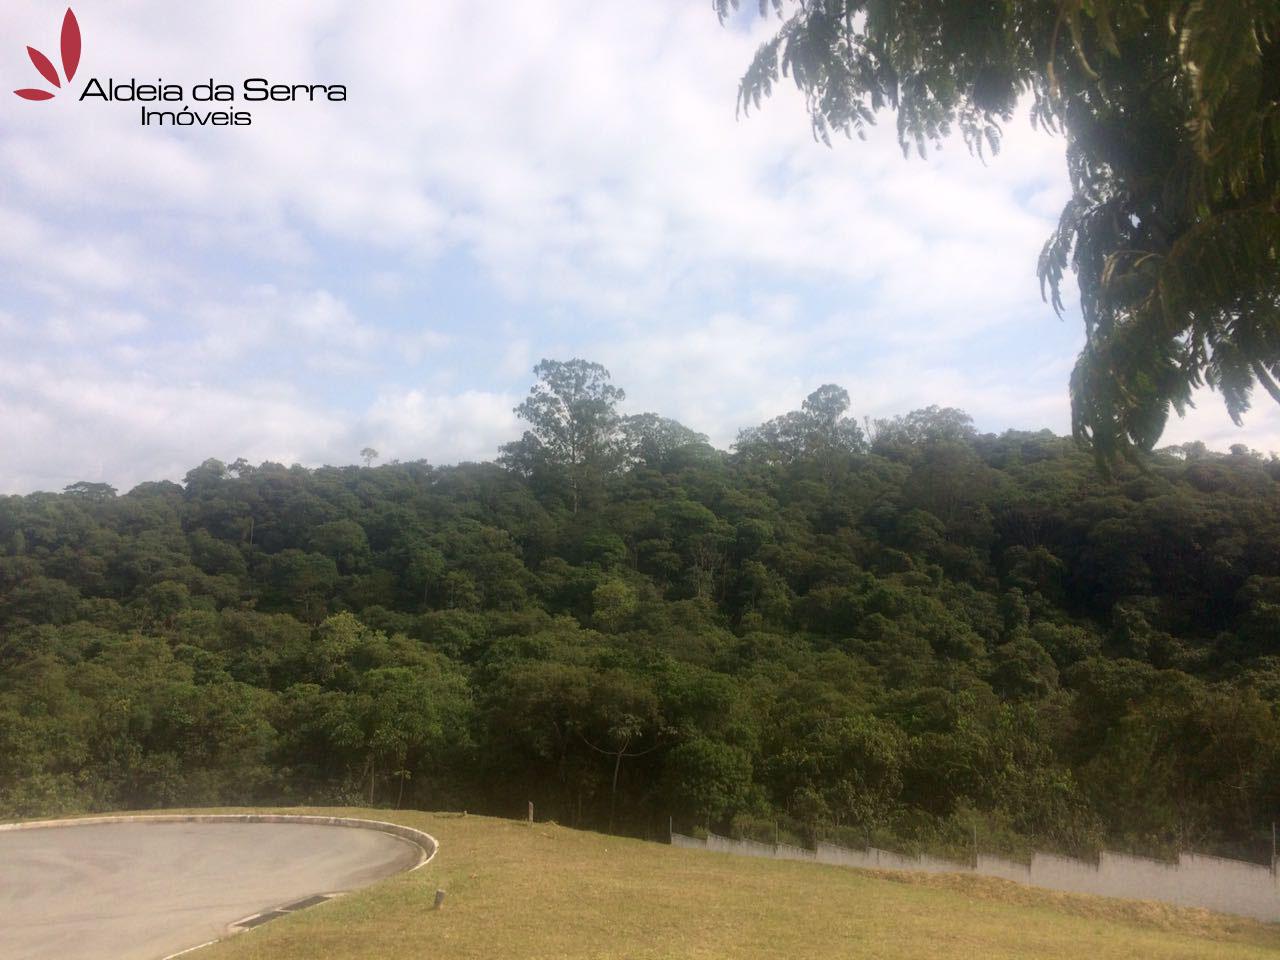 /admin/imoveis/fotos/IMG-20180602-WA0004.jpg Aldeia da Serra Imoveis